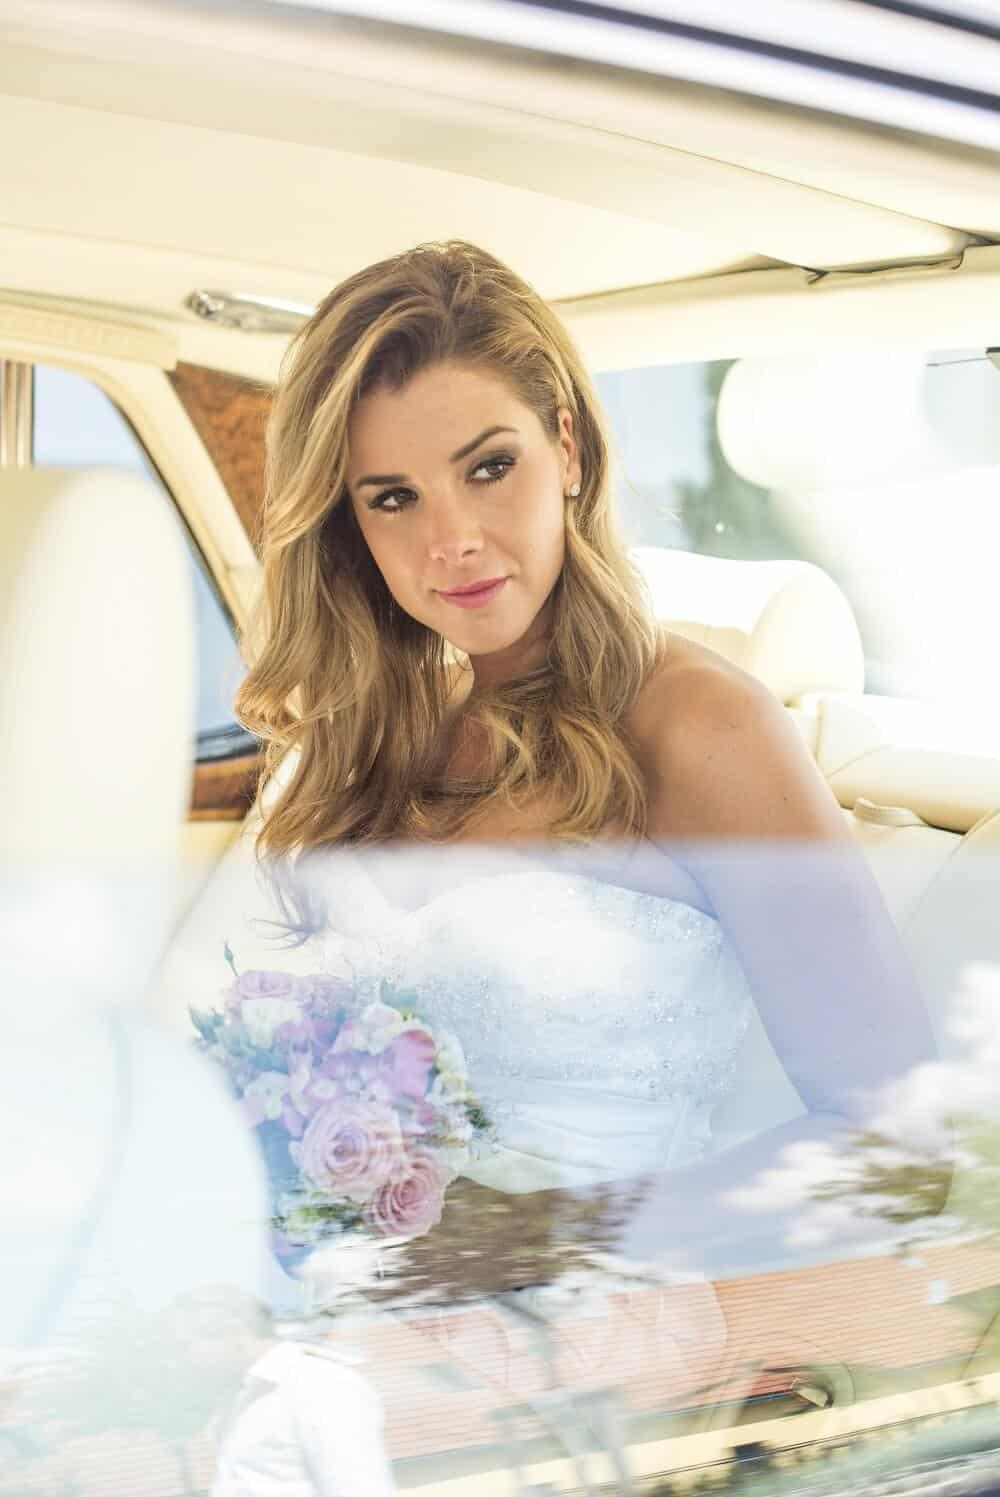 Zámecký Hotel Panství Dlouhá Lhota - nevěsta v autě